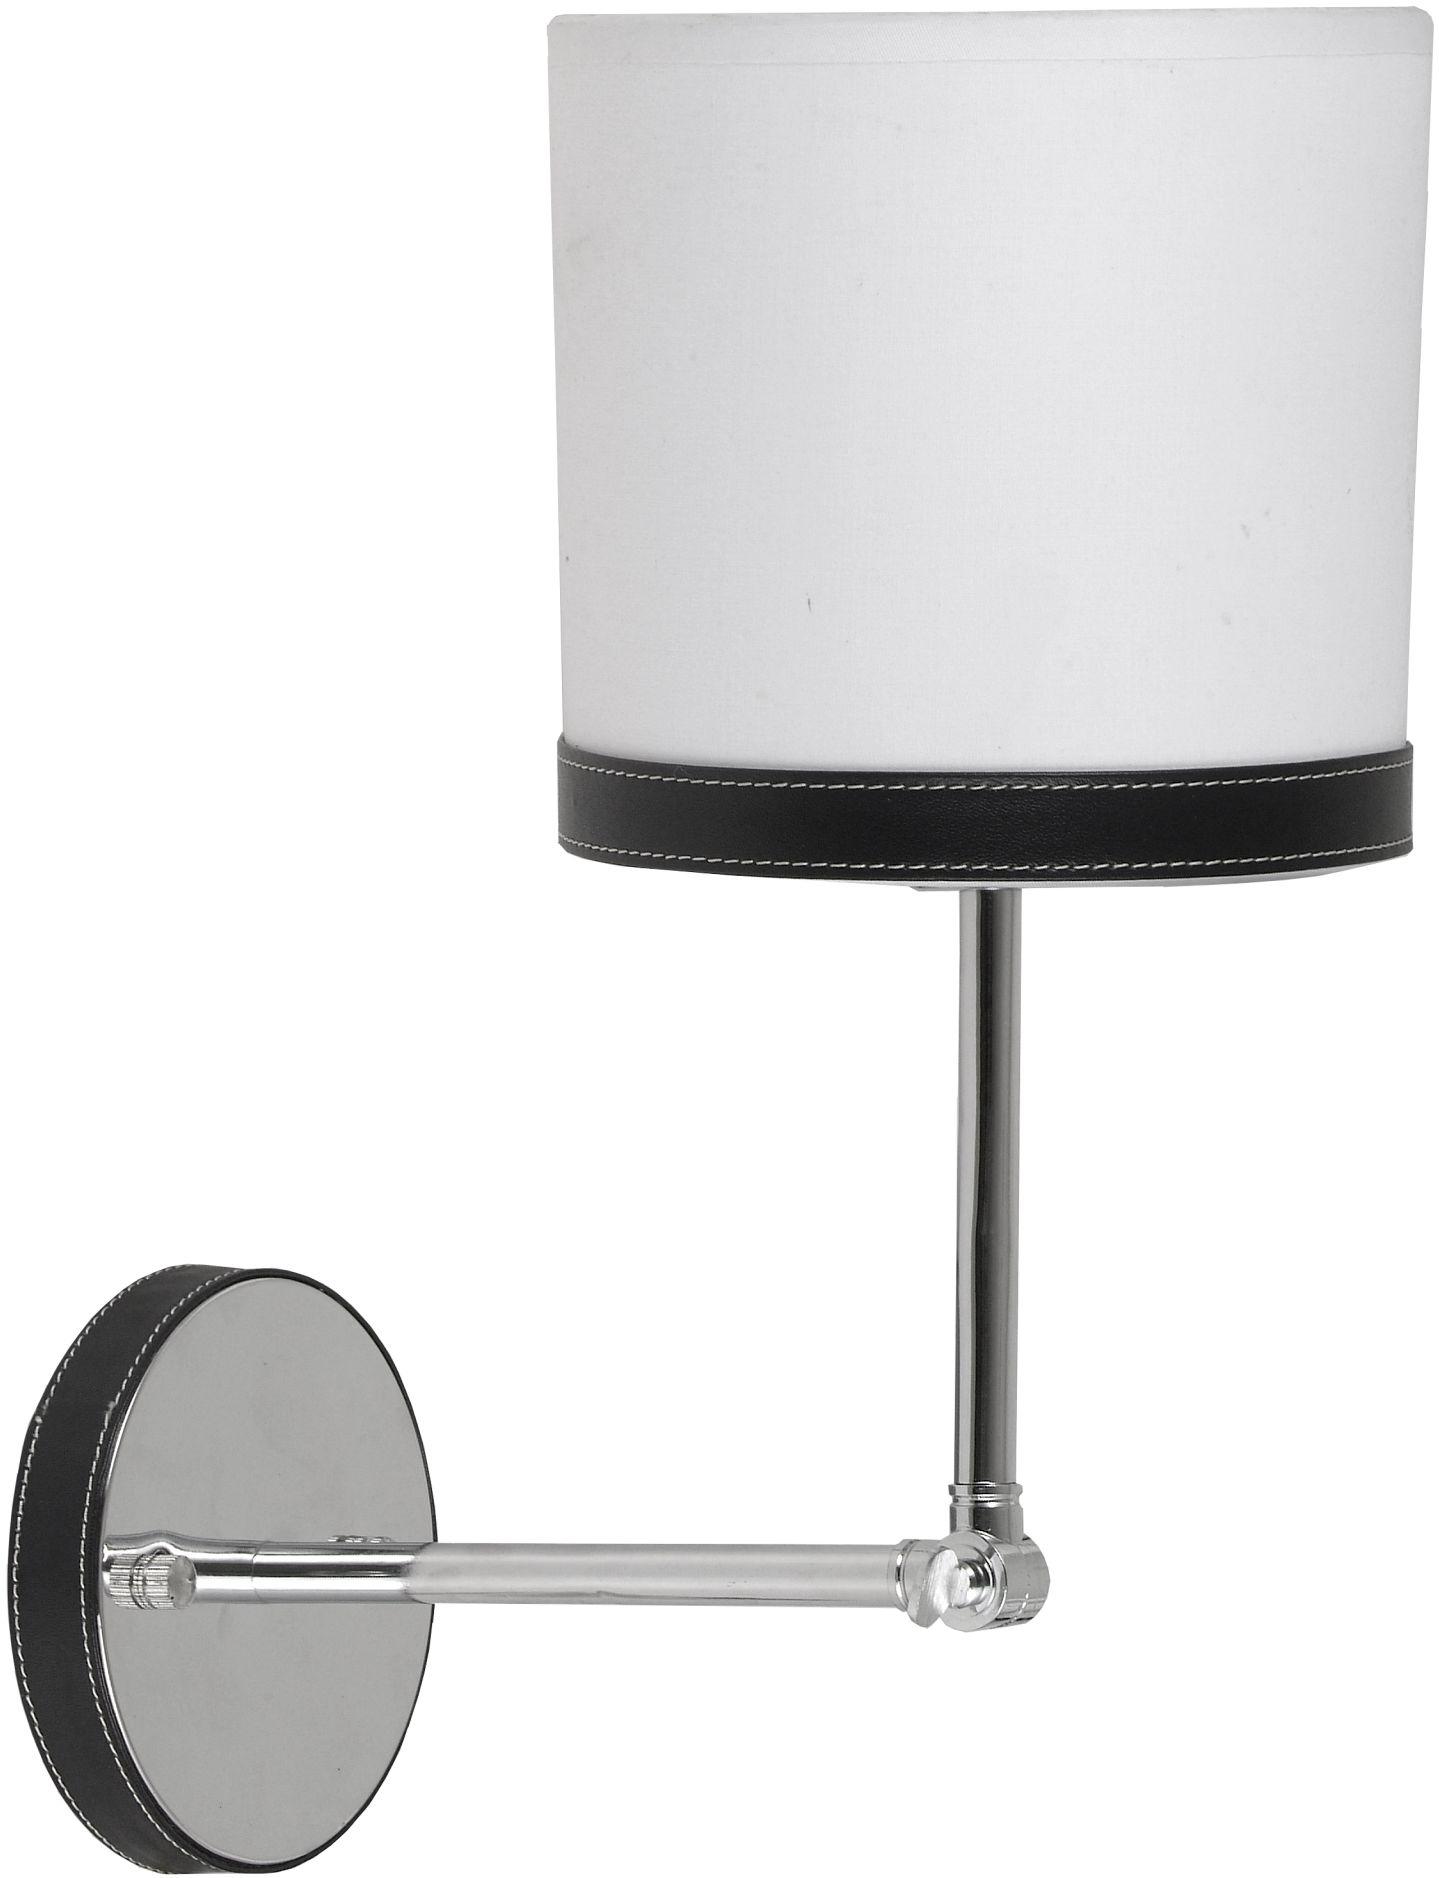 Candellux TIDA 21-31115 kinkiet lampa ścienna chrom abażur płótno skóra 1X40W E14 16cm